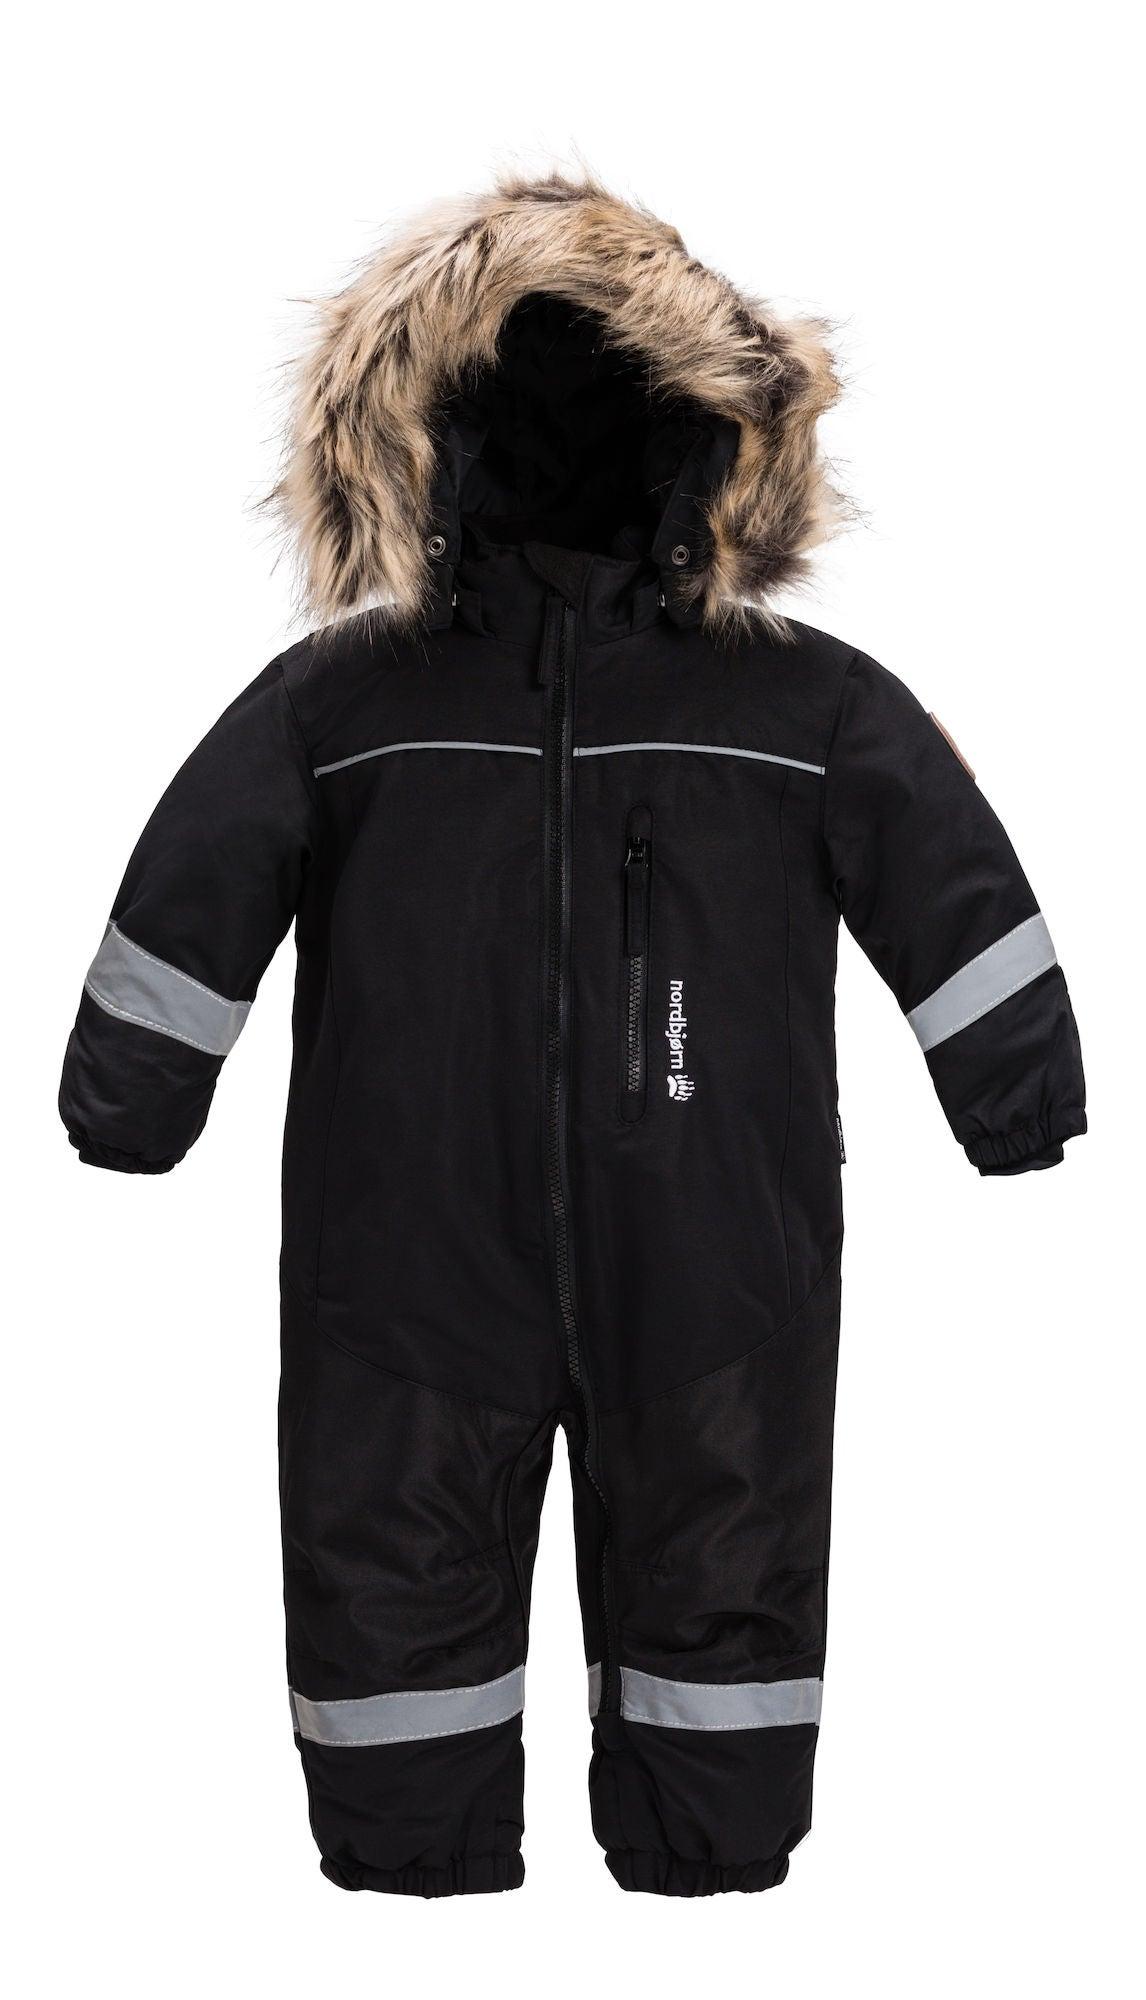 Nordbjörn Igloo Babyoverall, Black 62